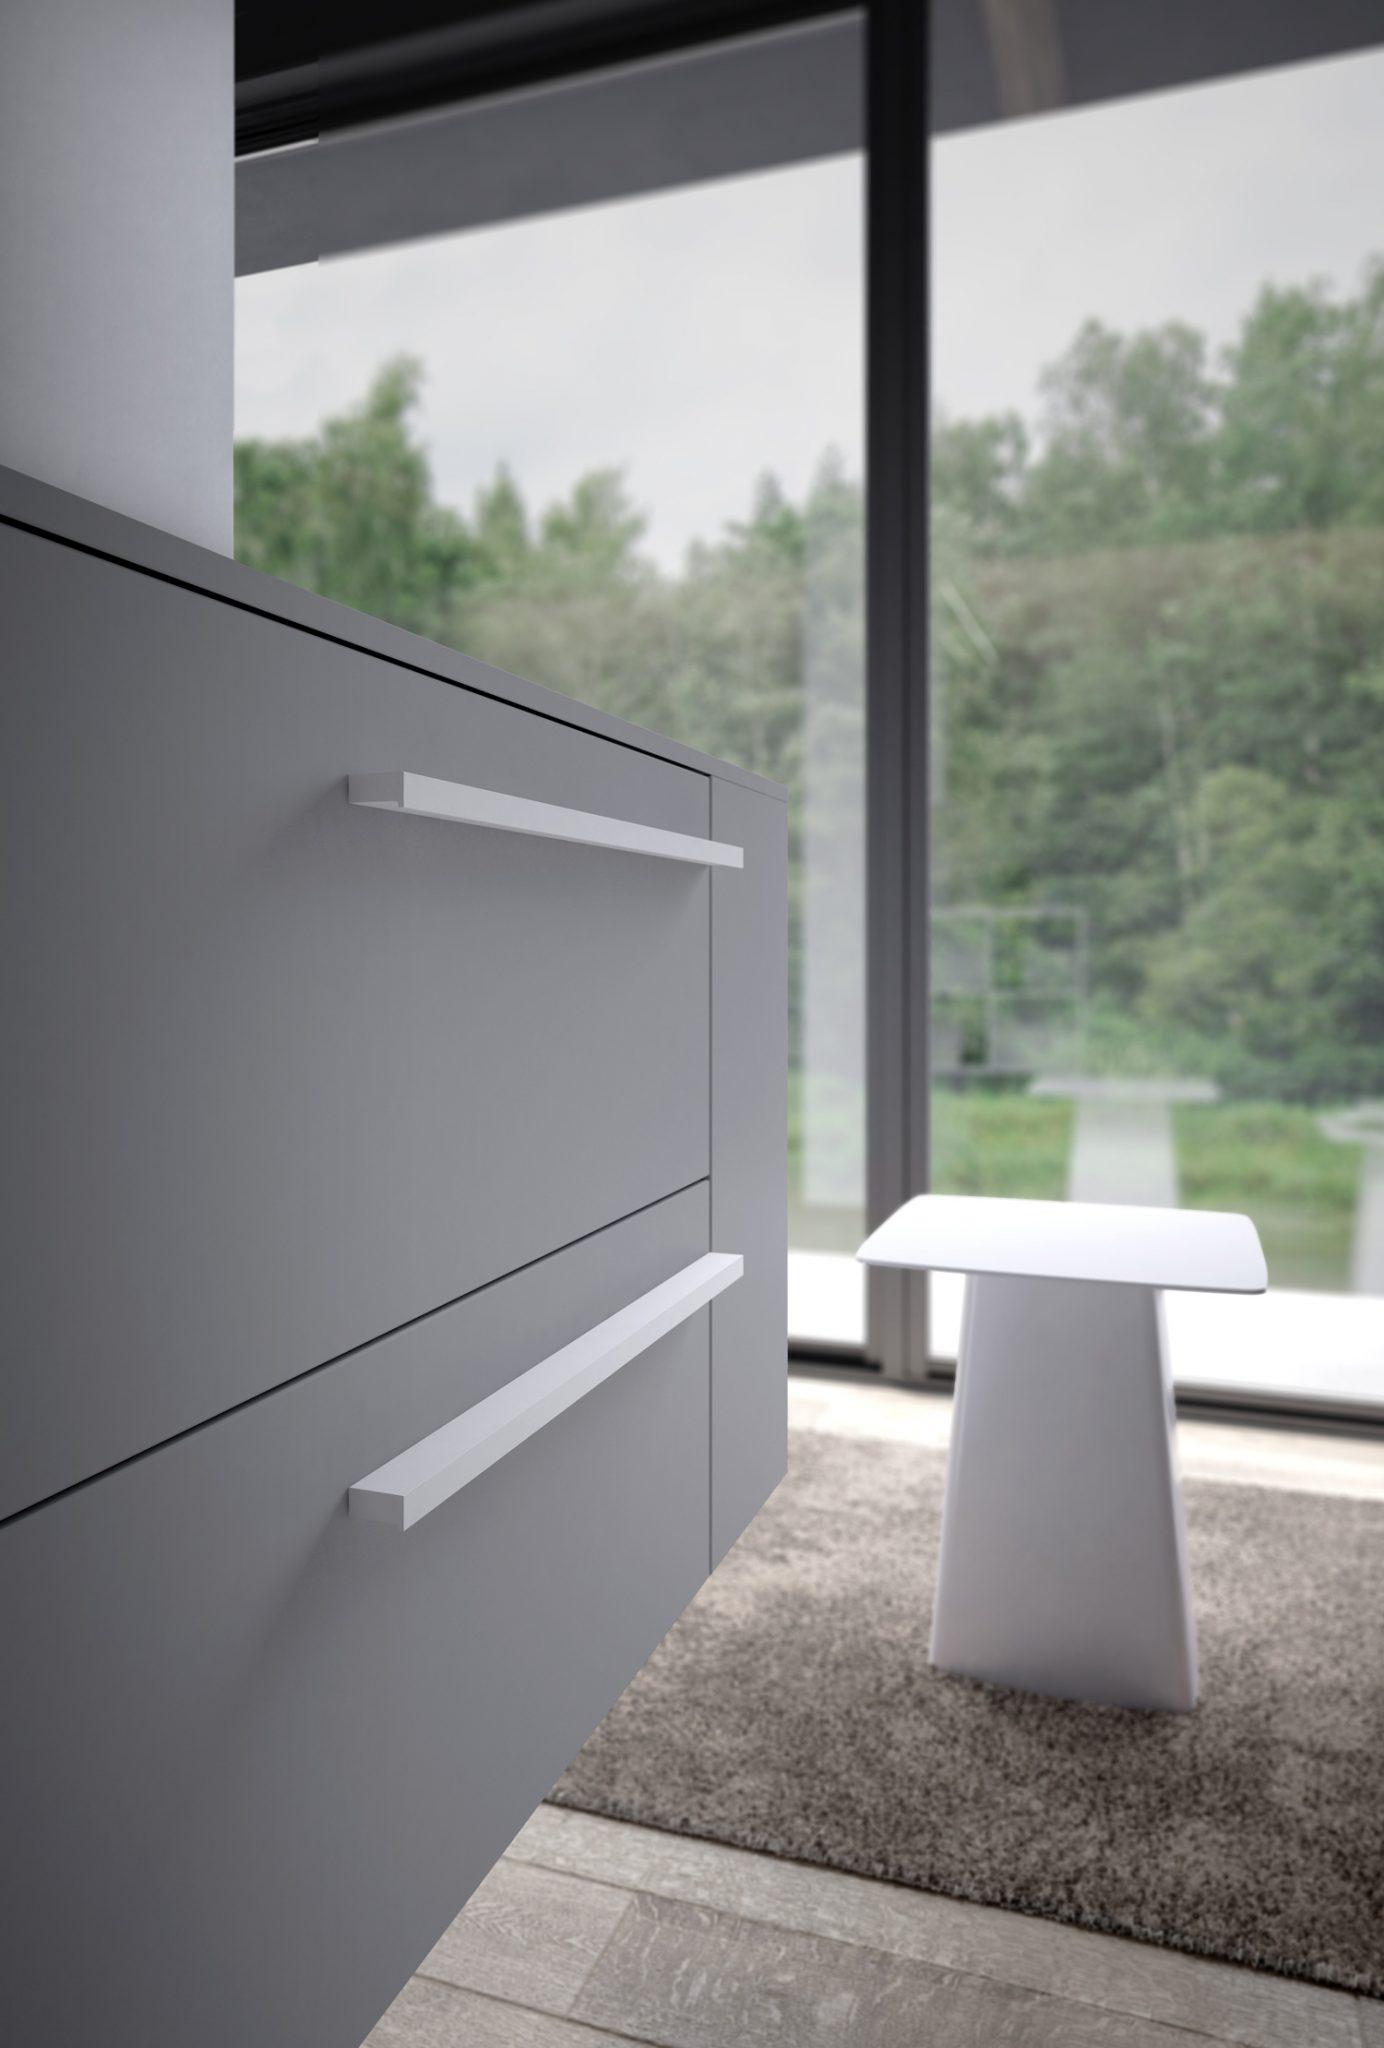 Sense ideagroup arredo bagno moderno grigio dettaglio - Bagno moderno grigio ...